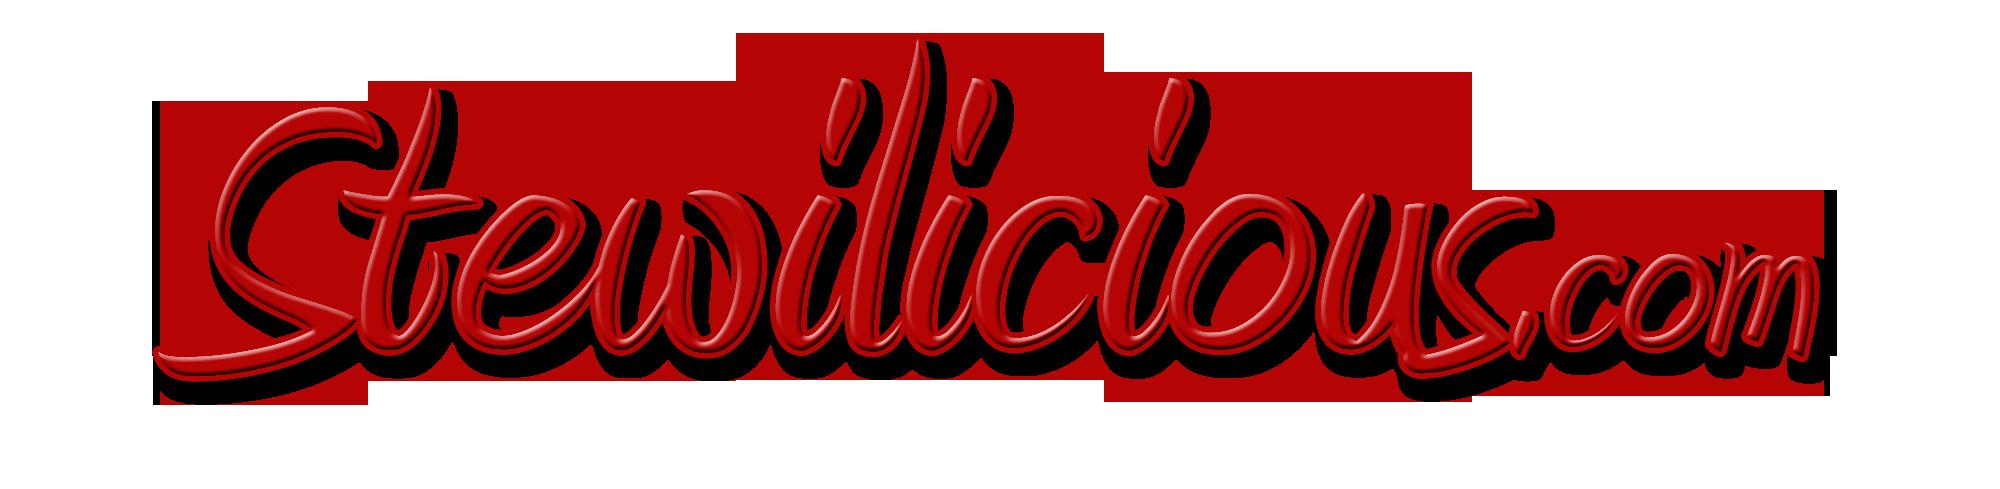 Stewilicious.com